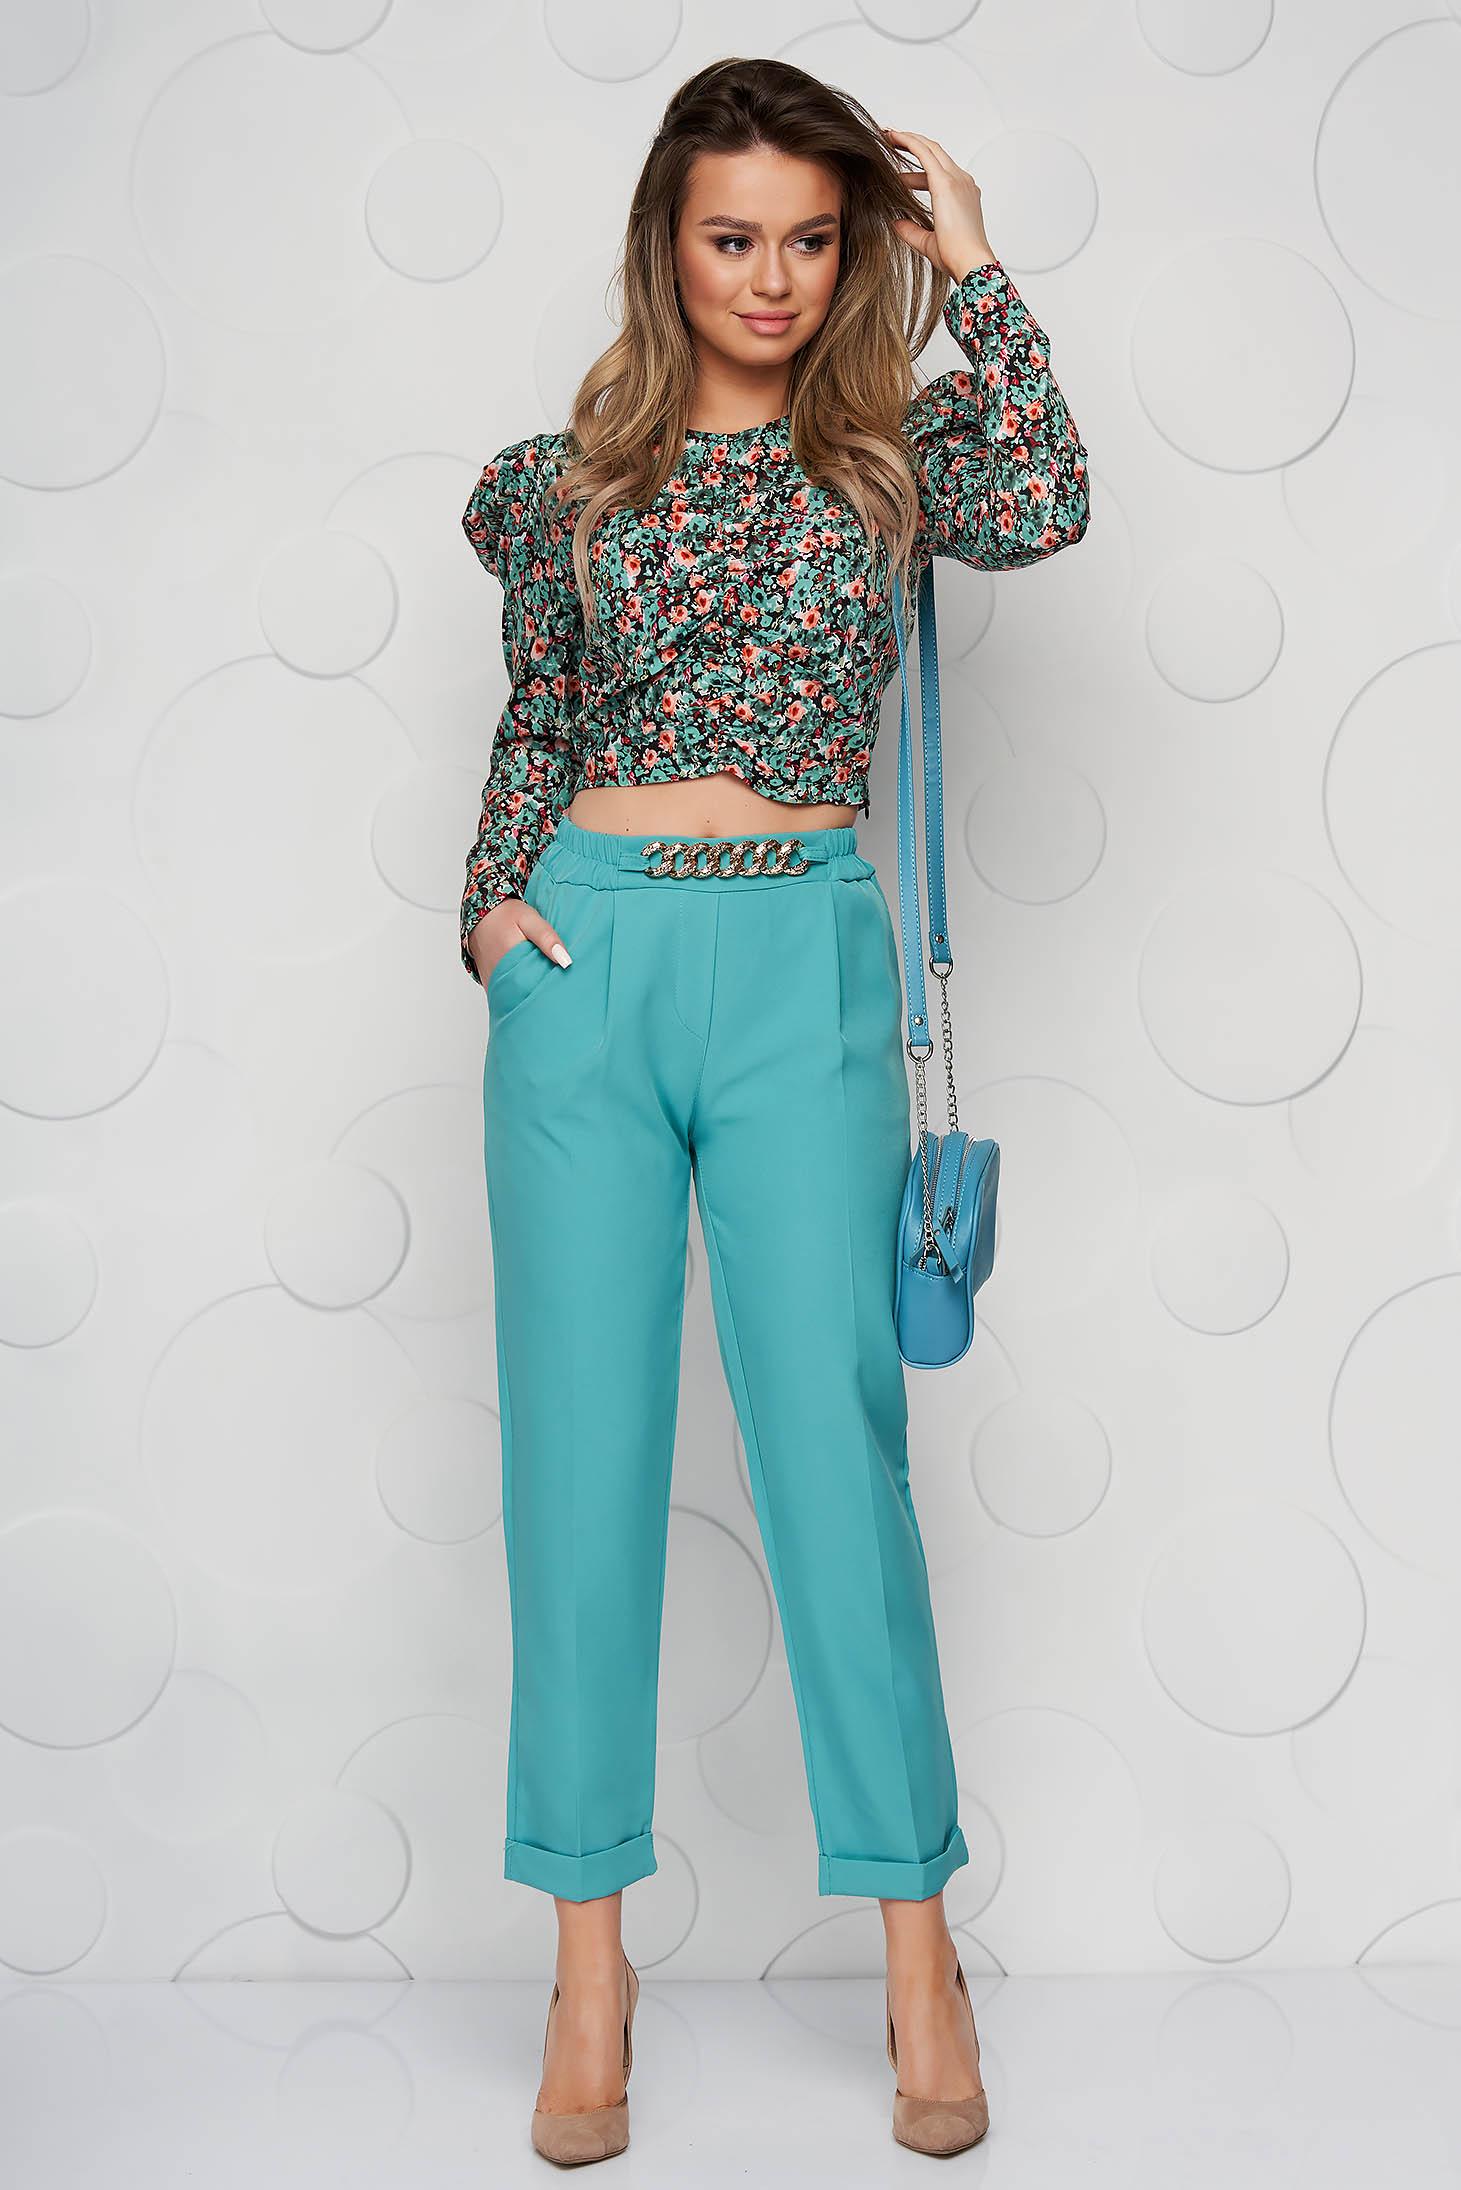 Pantaloni SunShine turcoaz din material neelastic cu croi larg accesorizat cu lant metalic